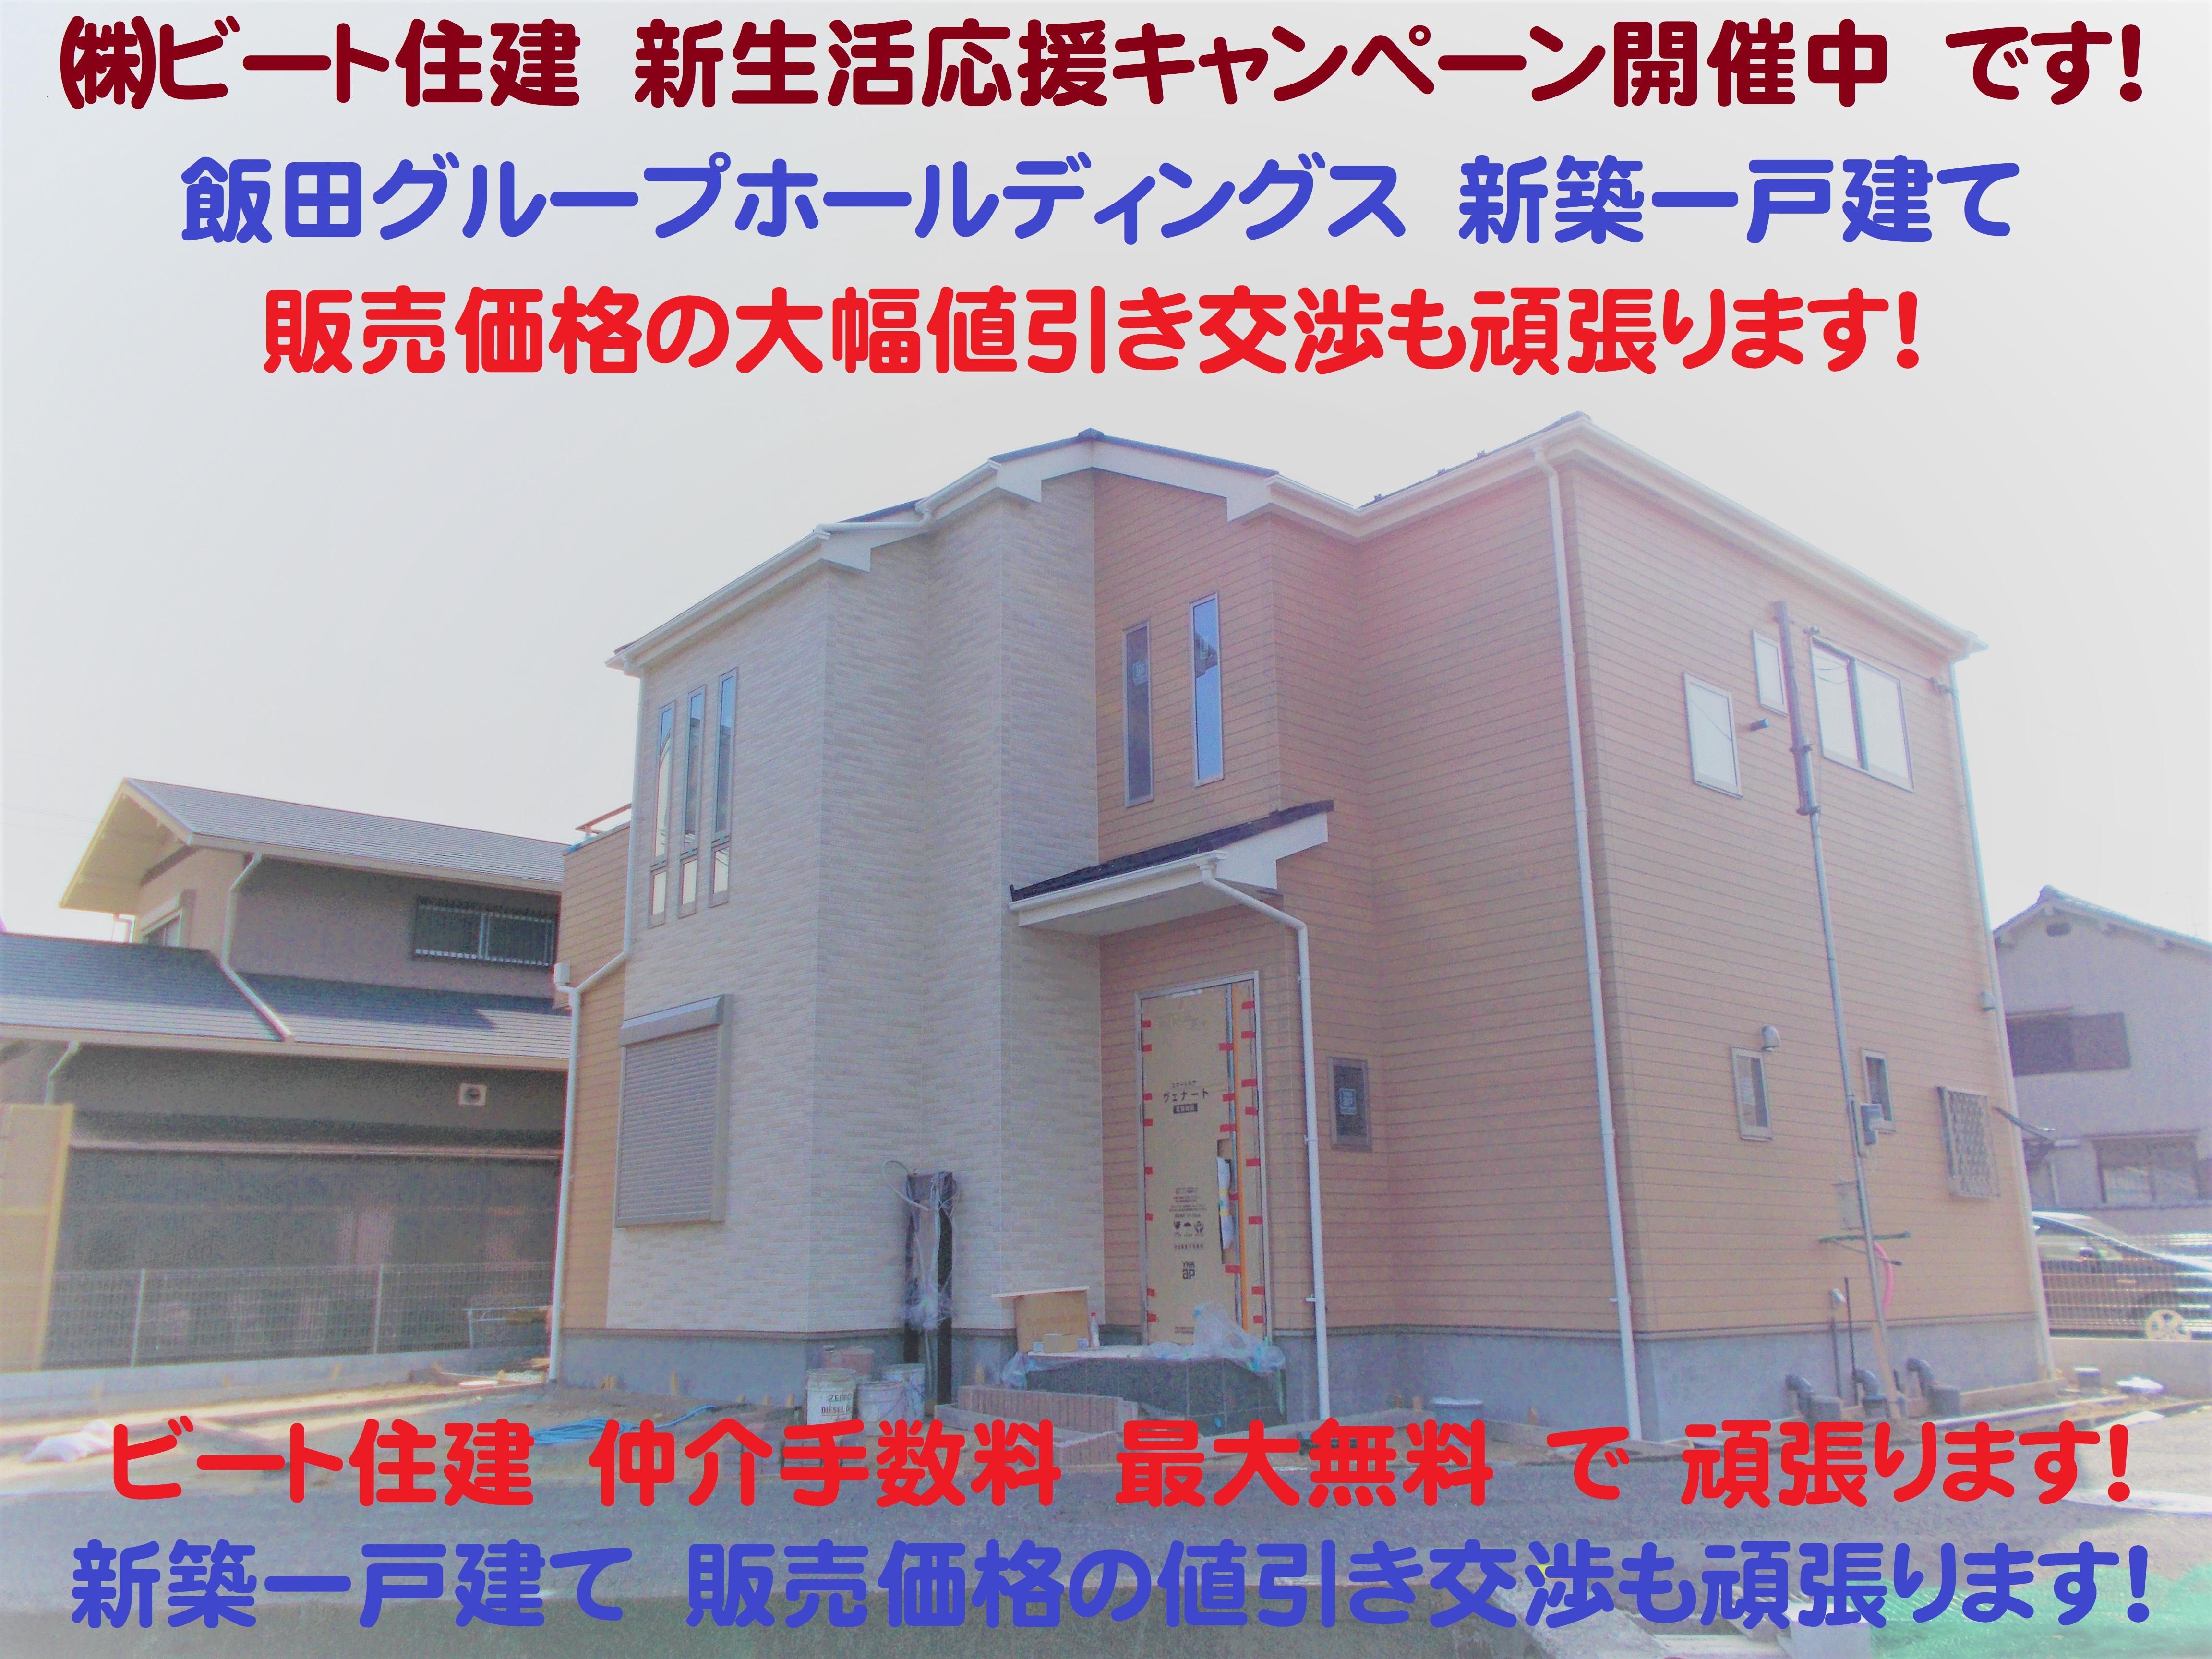 建物 飯田グループホールディングス タクトホーム 新築 お買い得 仲介手数料 大幅値引き ビート住建